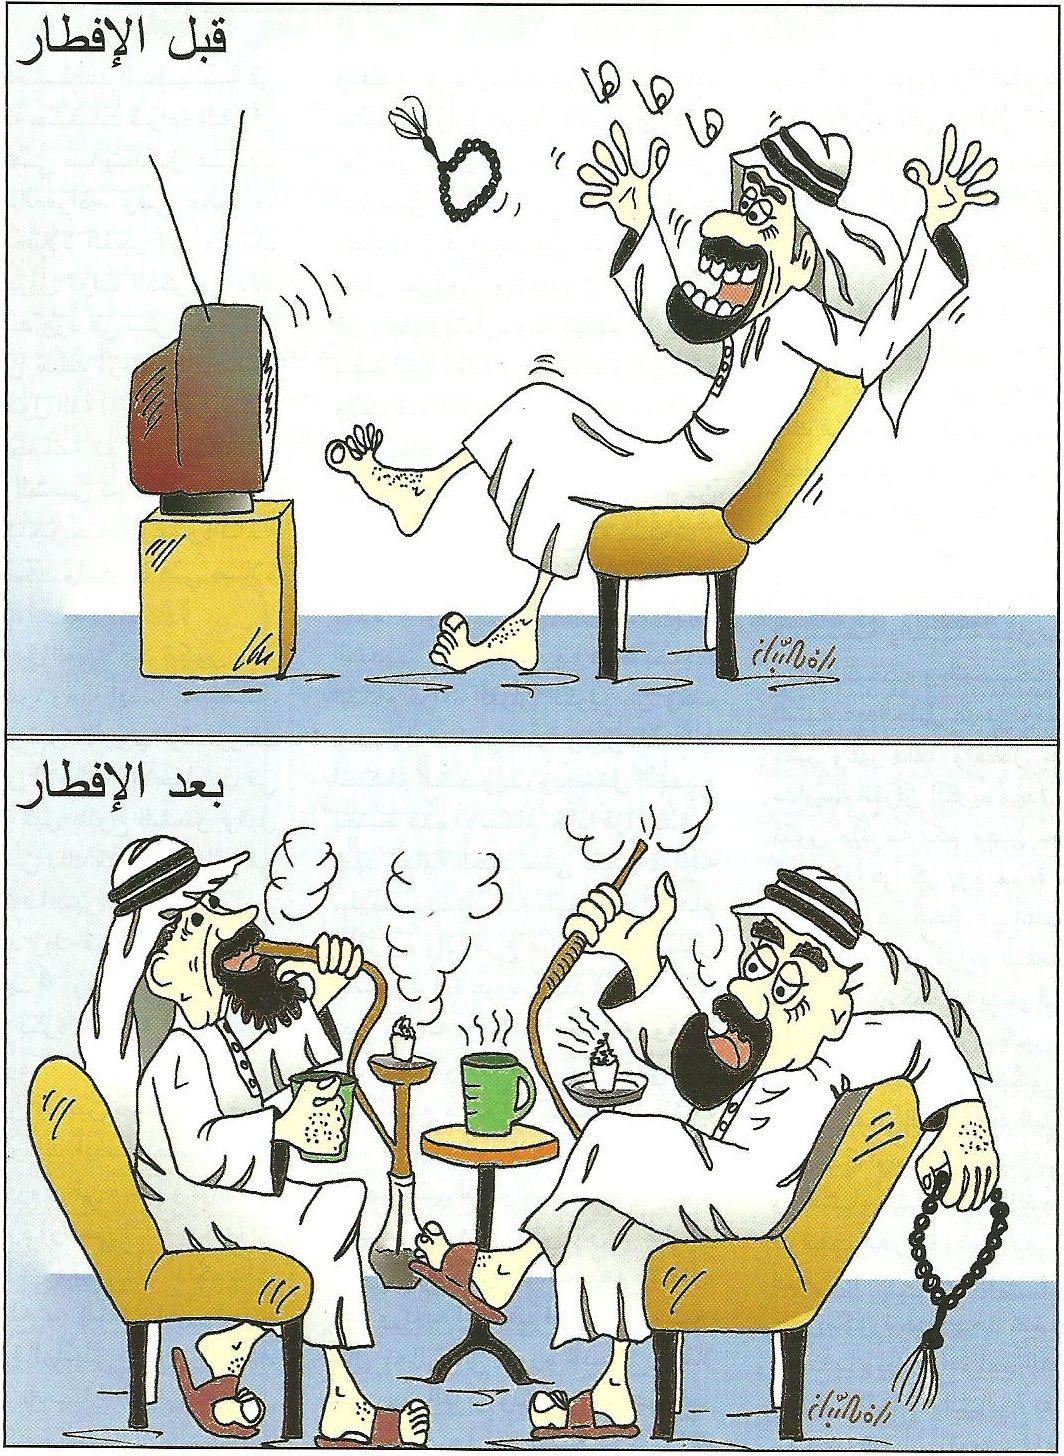 كاريكاتيرأحوال بعض الصائمين بريشة رافد الصباغ مجلة منار الإسلام رمضان 1425 هـ Fictional Characters Comics Character